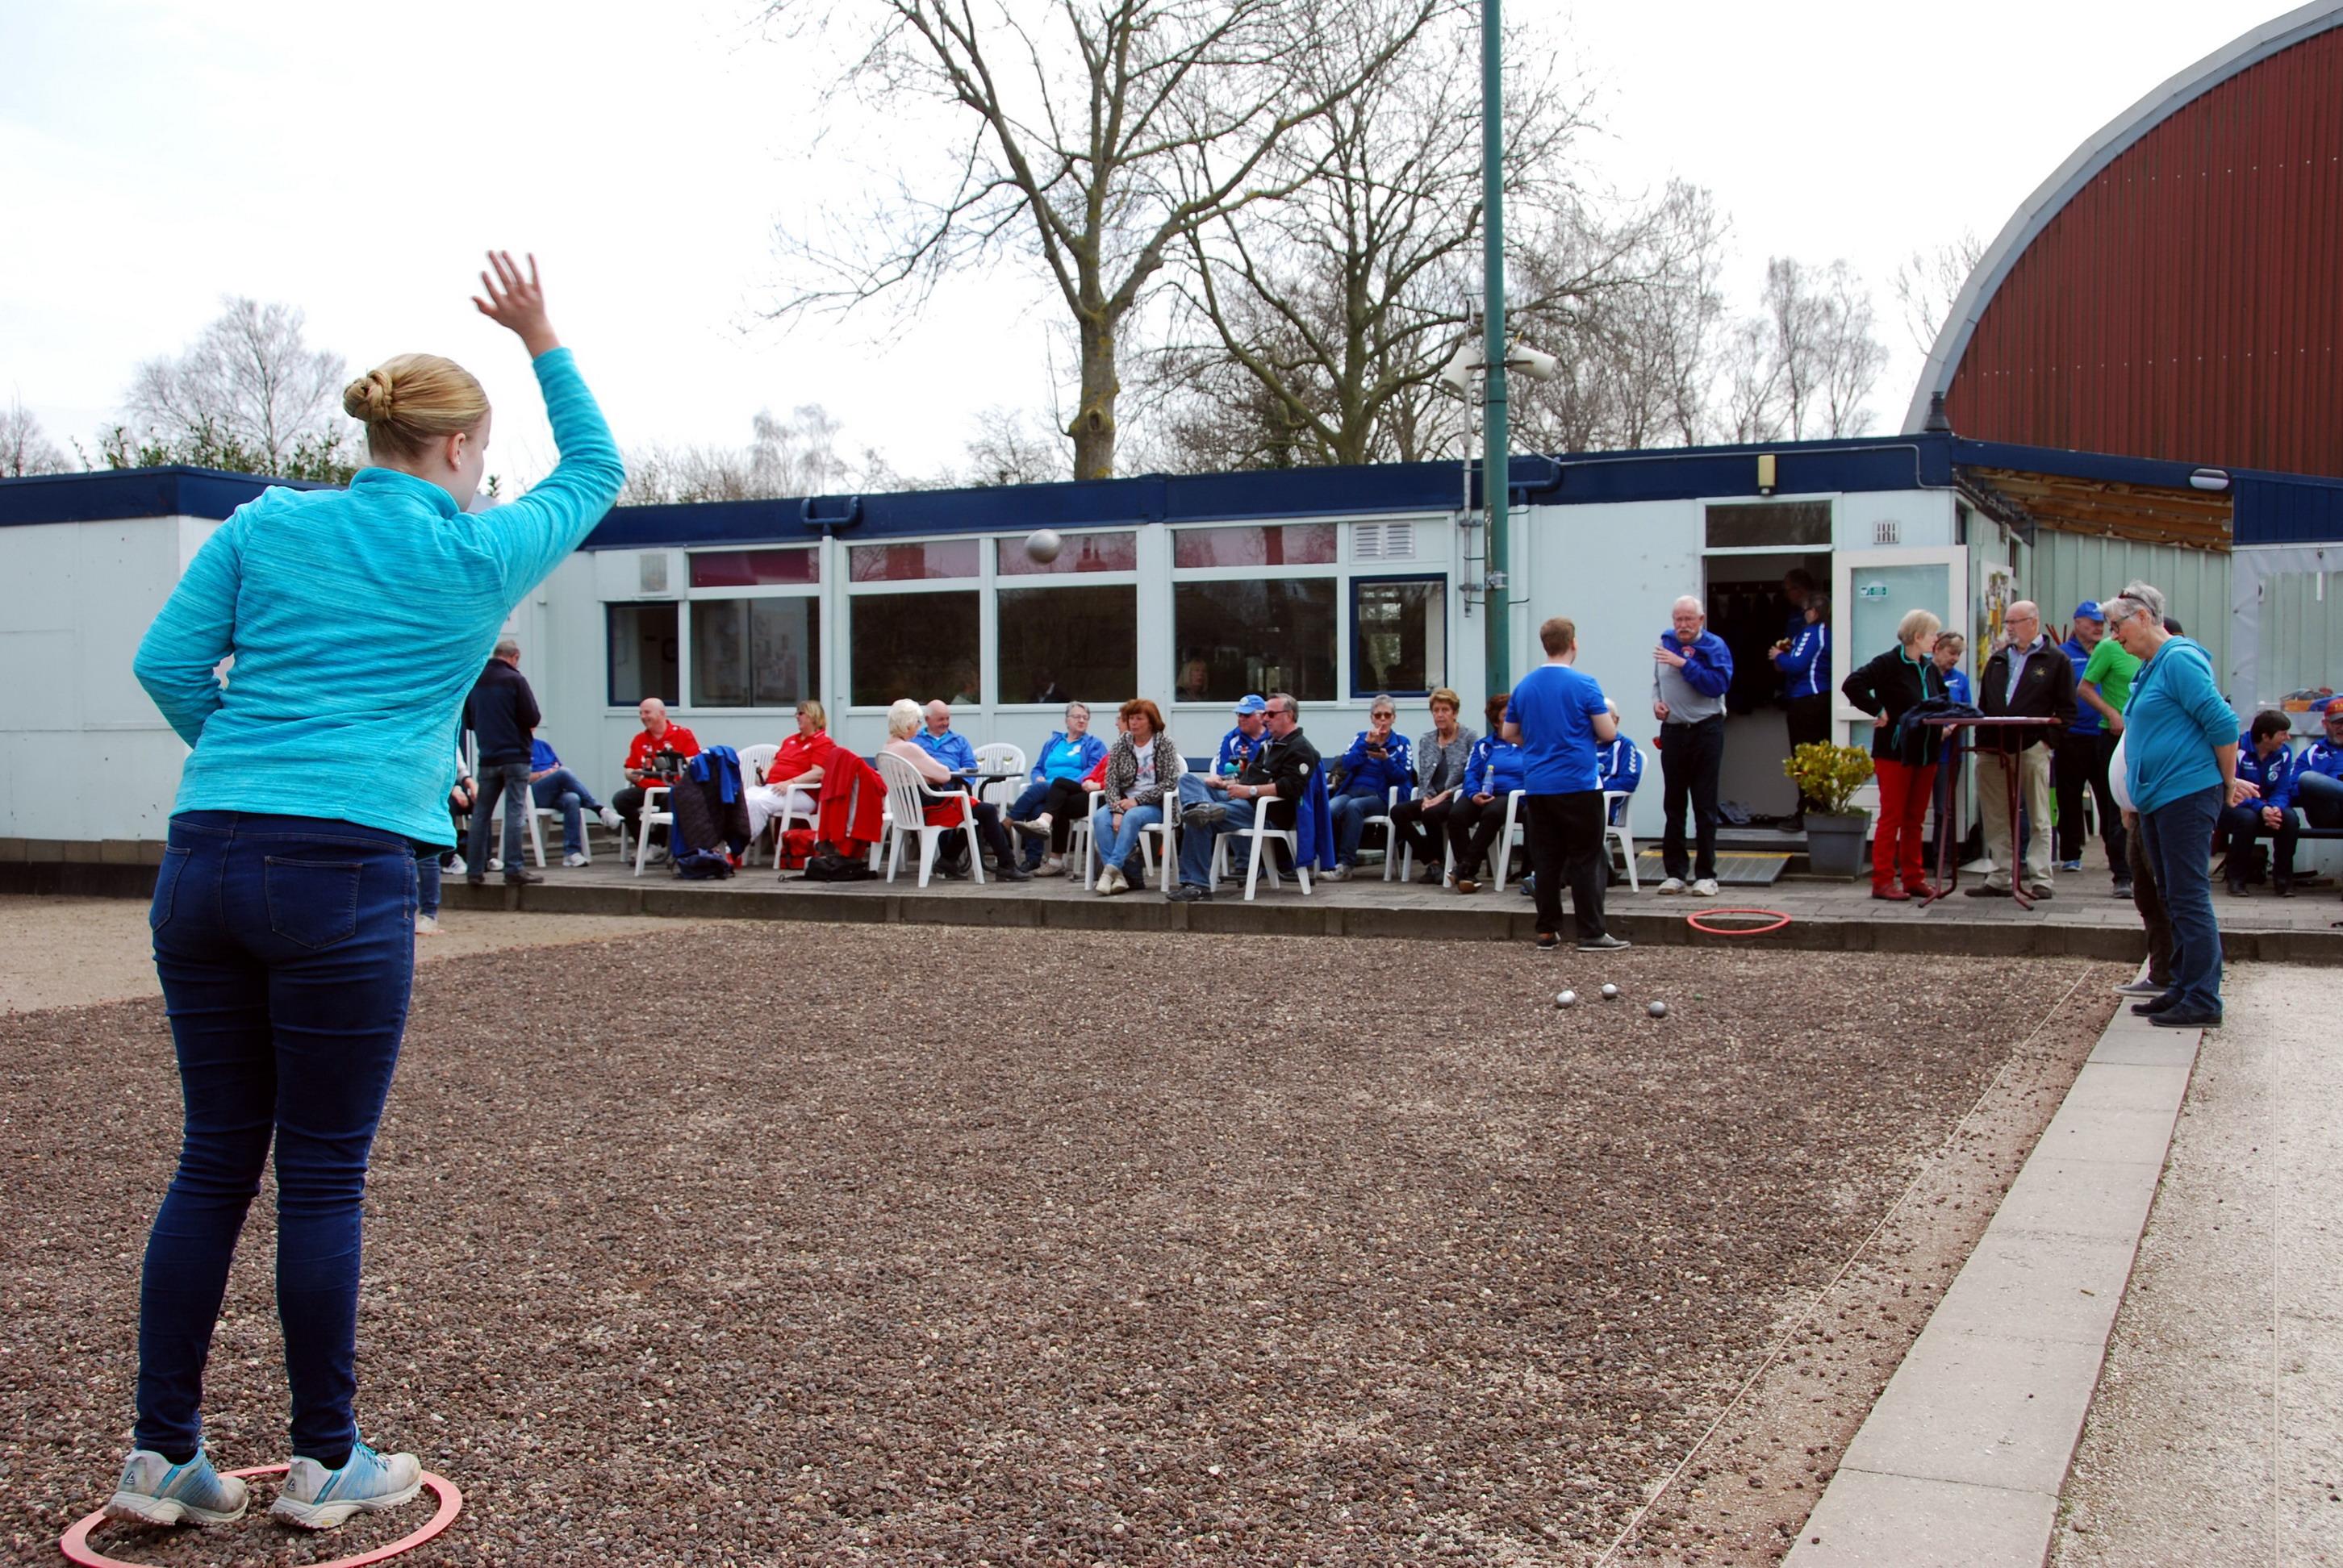 Een spelmoment tijdens het Lentetoernooi van PON. (Foto: Kees Takken)